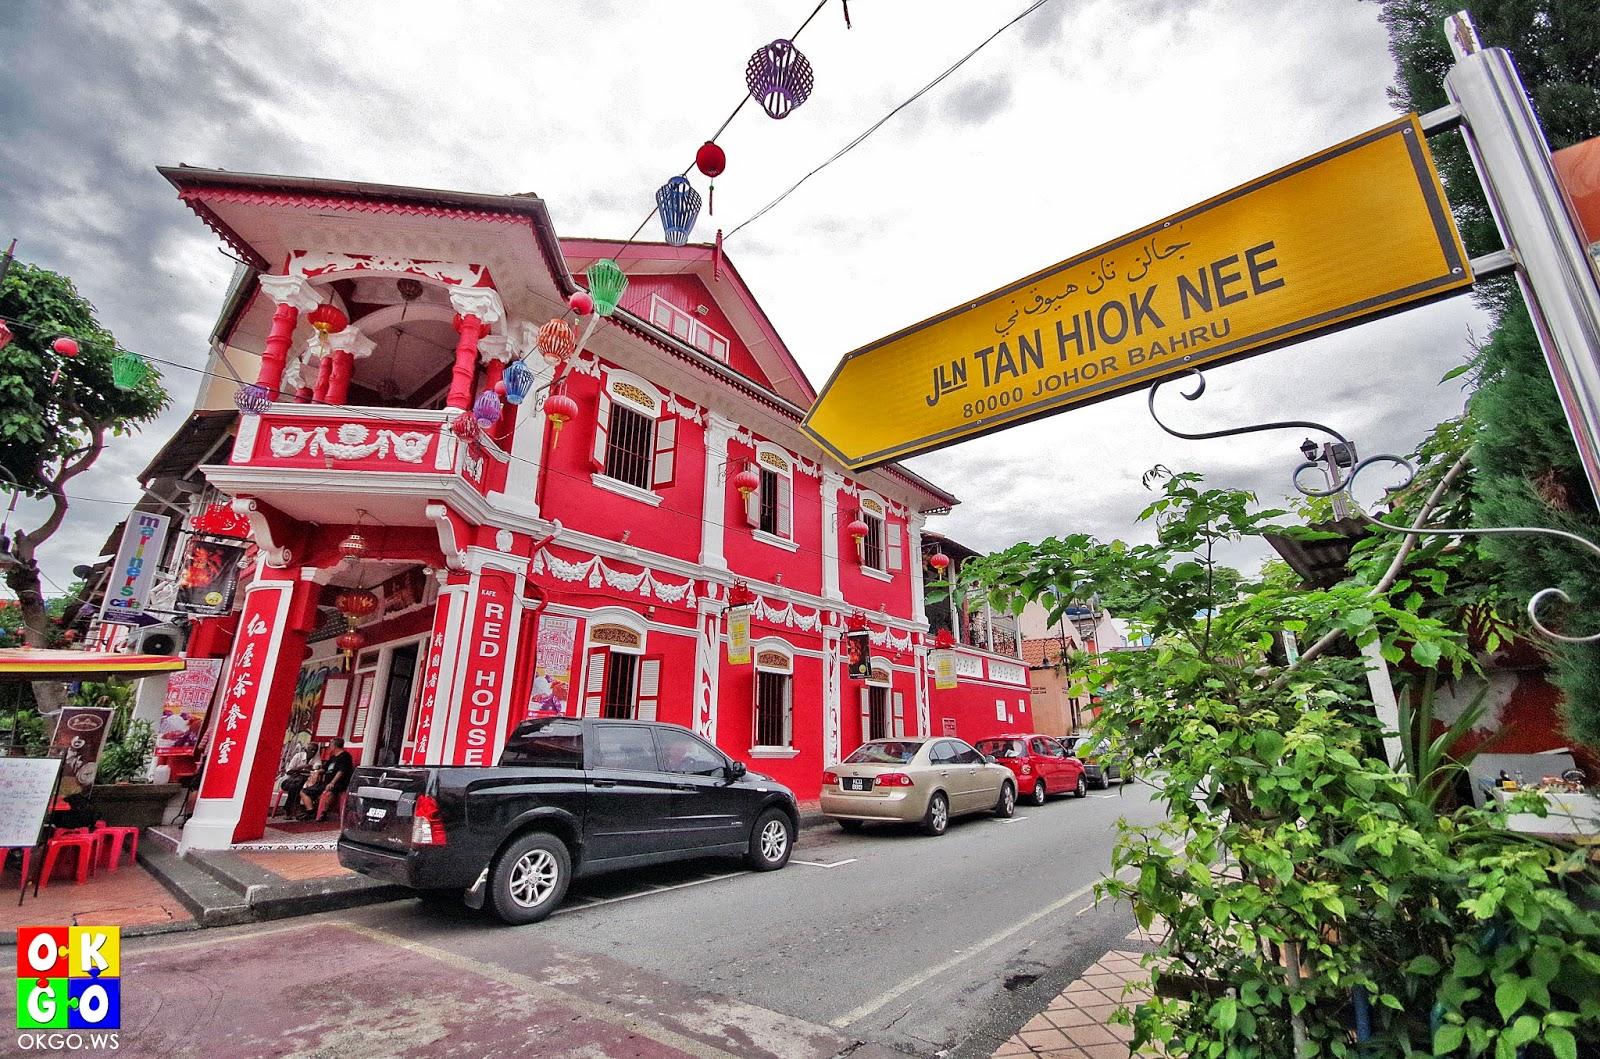 Johor Bahru Jalan Tan Hiok Nee